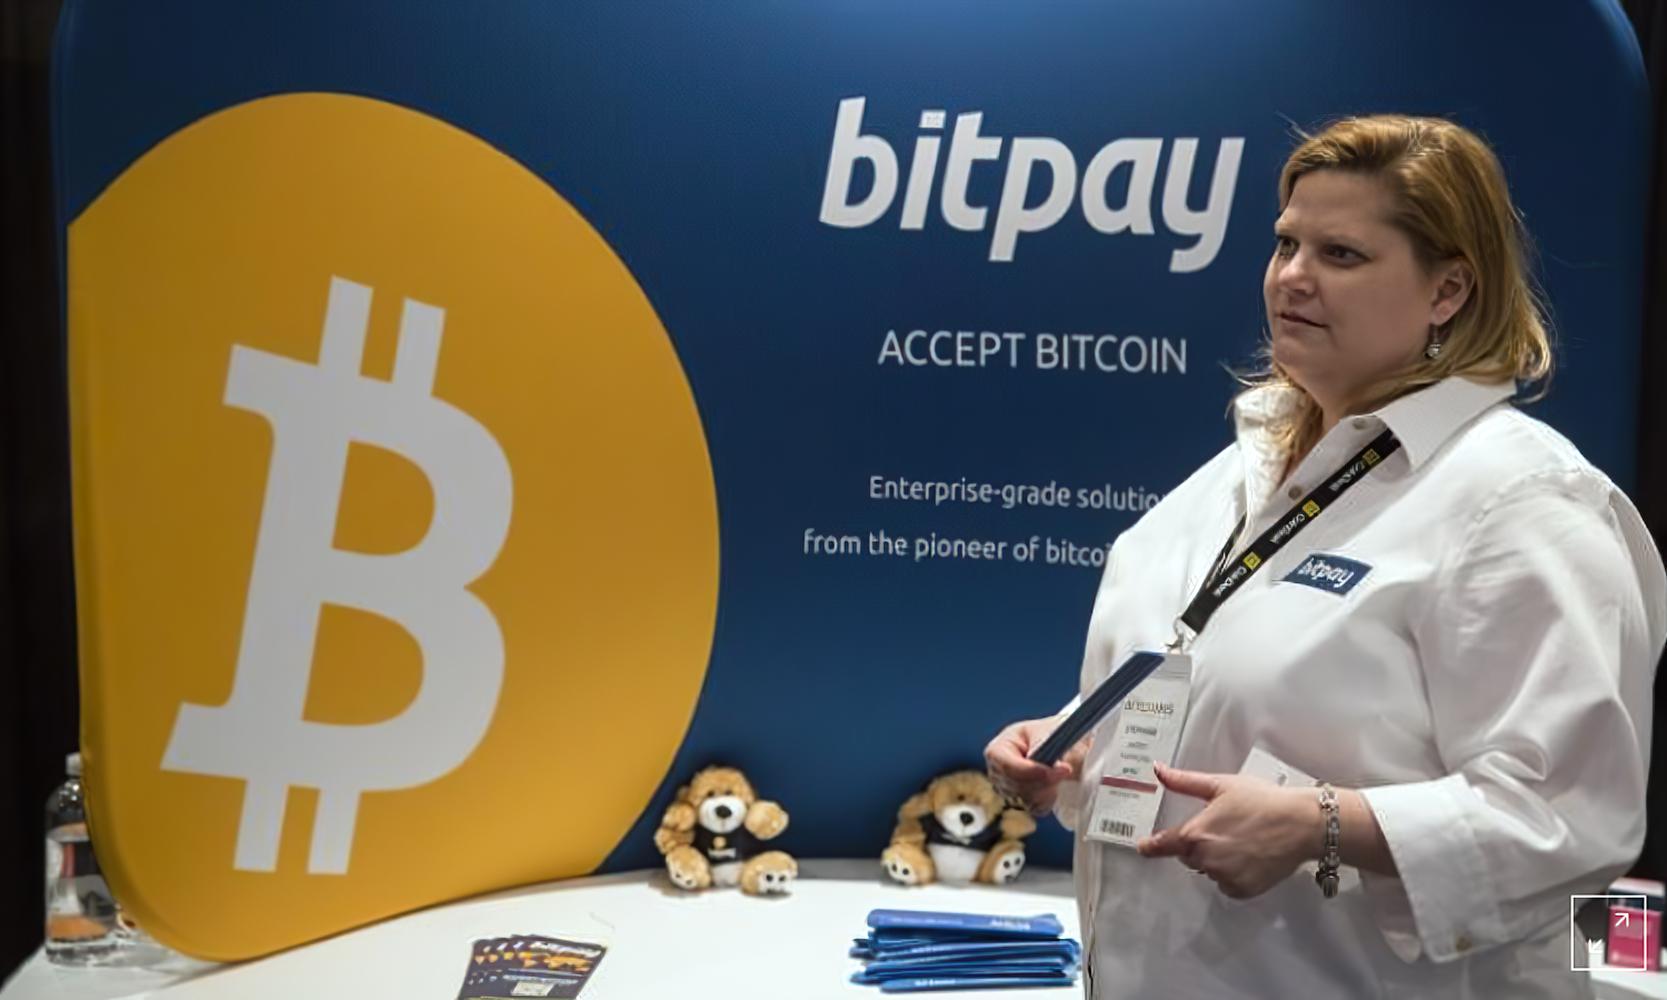 """موظفة تشرح كيف لشركة """"Bitpay"""" أن تساعد على استخدام العملات الرقمية - 2014 (رويترز)"""